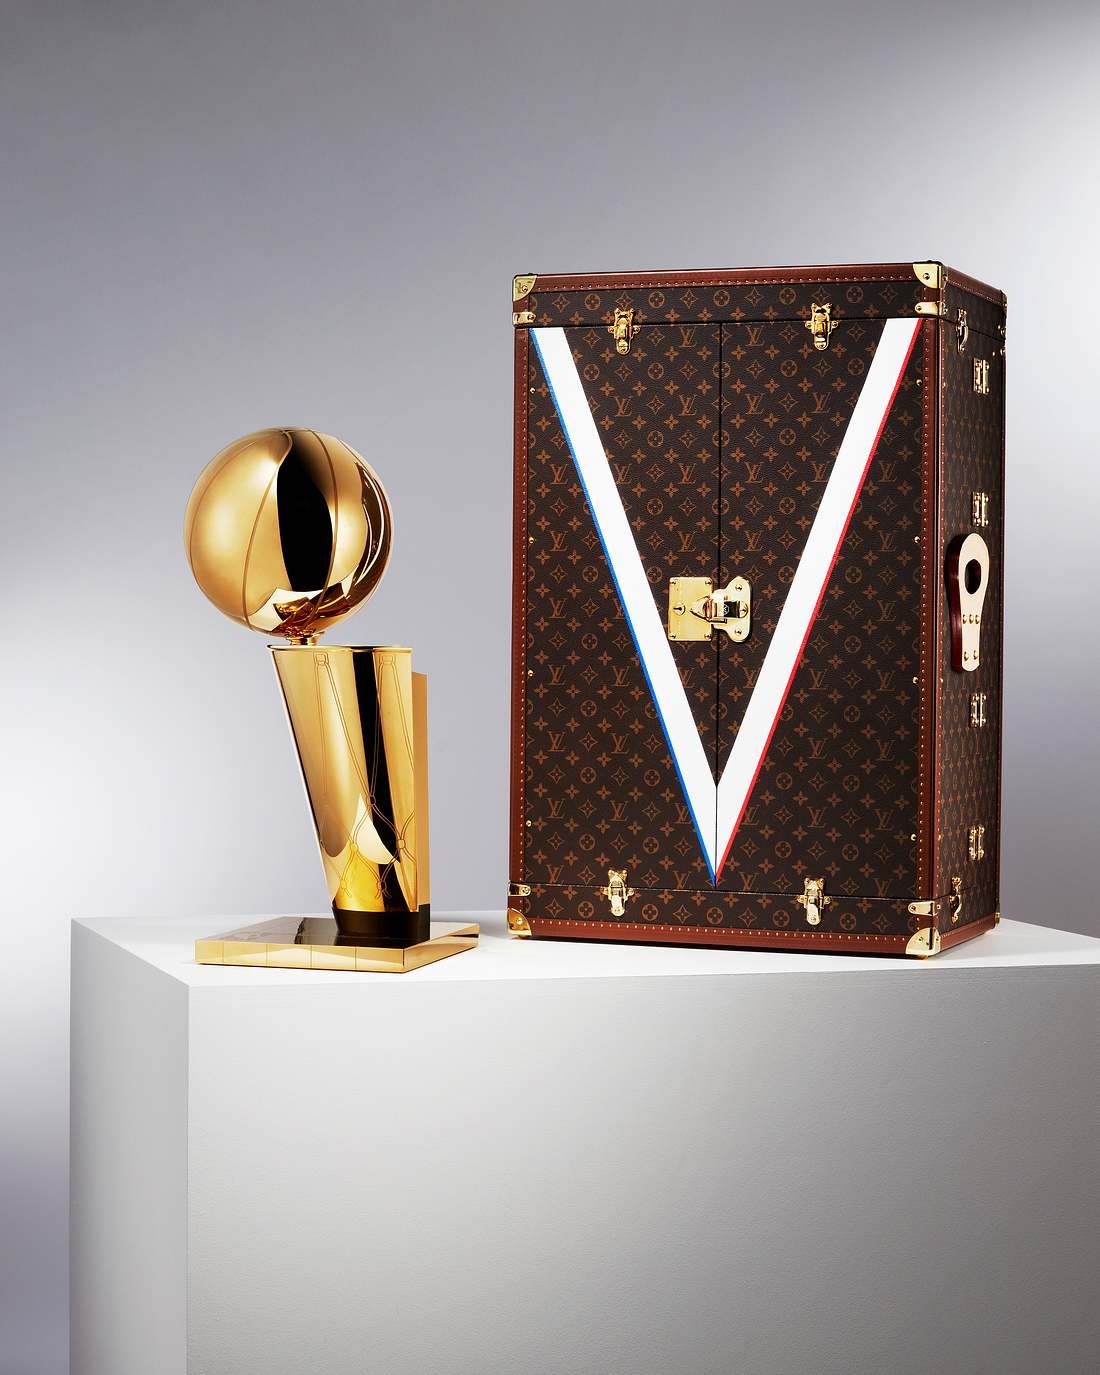 Louis Vuitton spendiert der NBA-Trophäe einen Luxus-Koffer